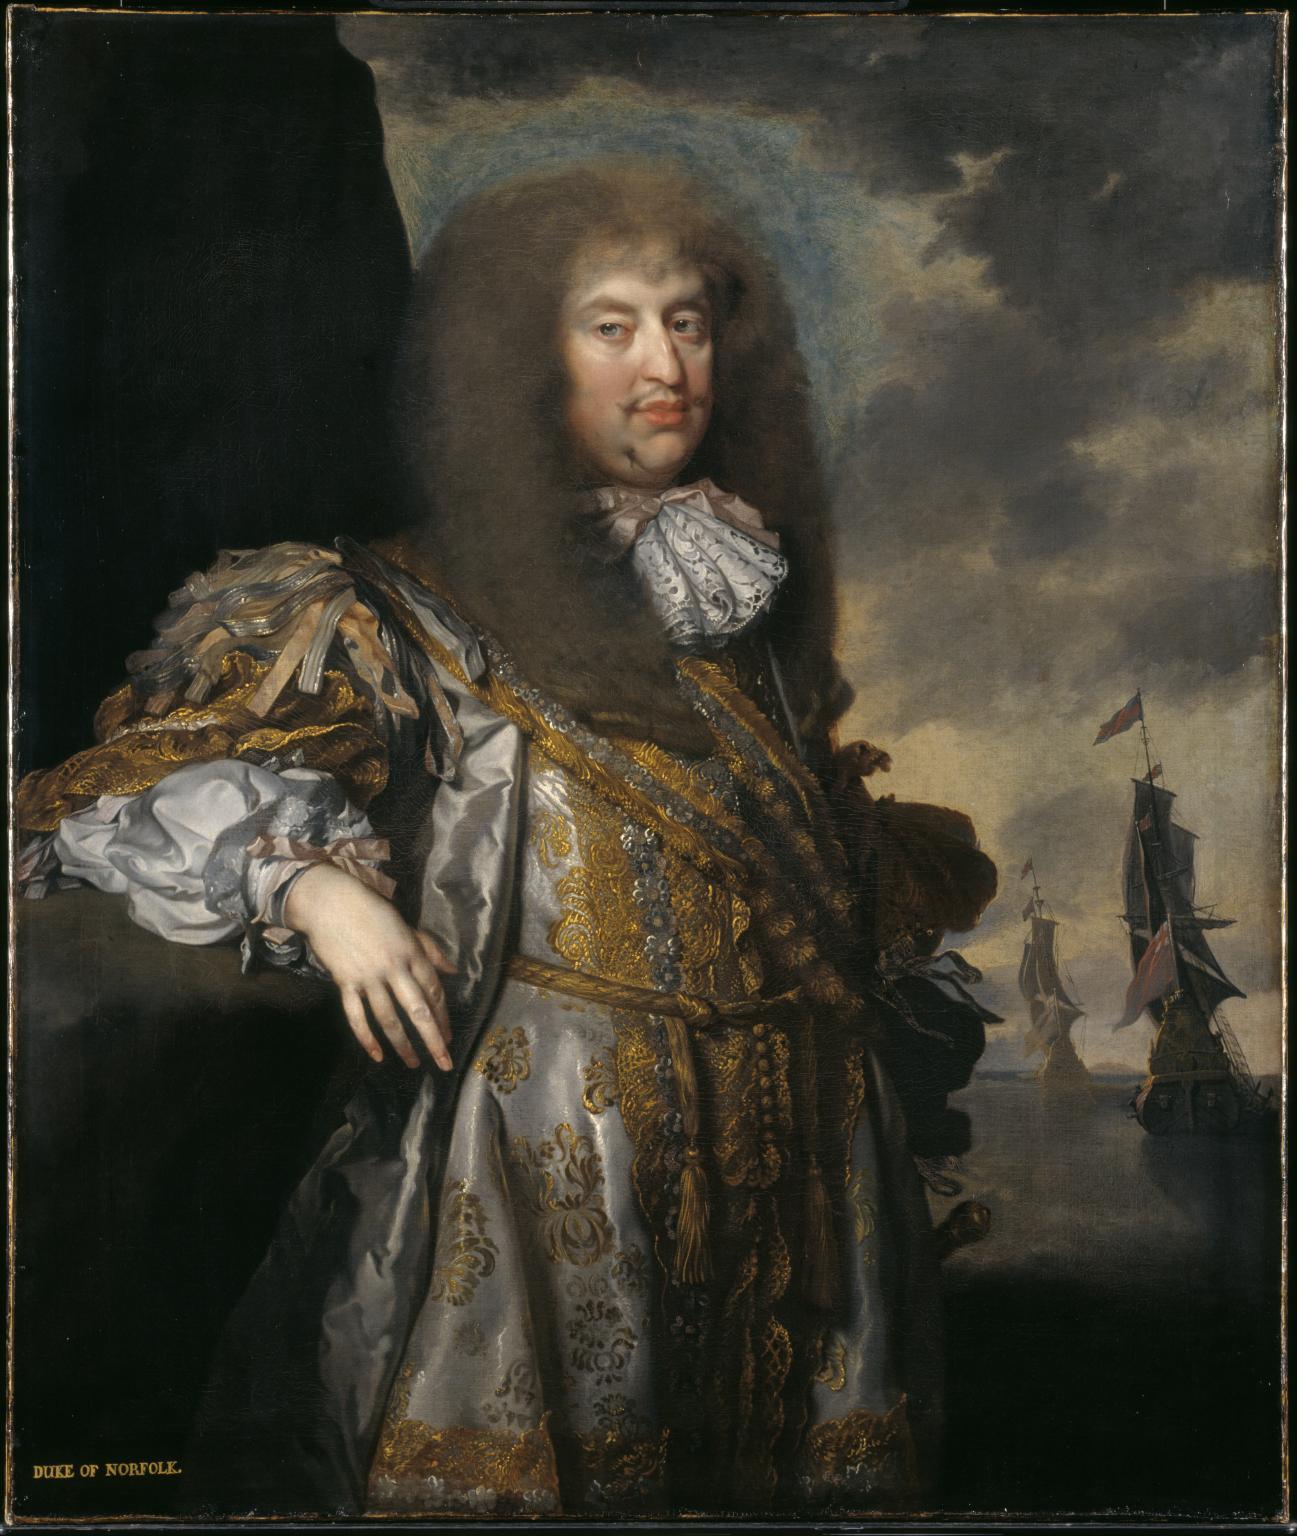 Henry howard, 6th duke of norfolk 1670-5 gilbert soest